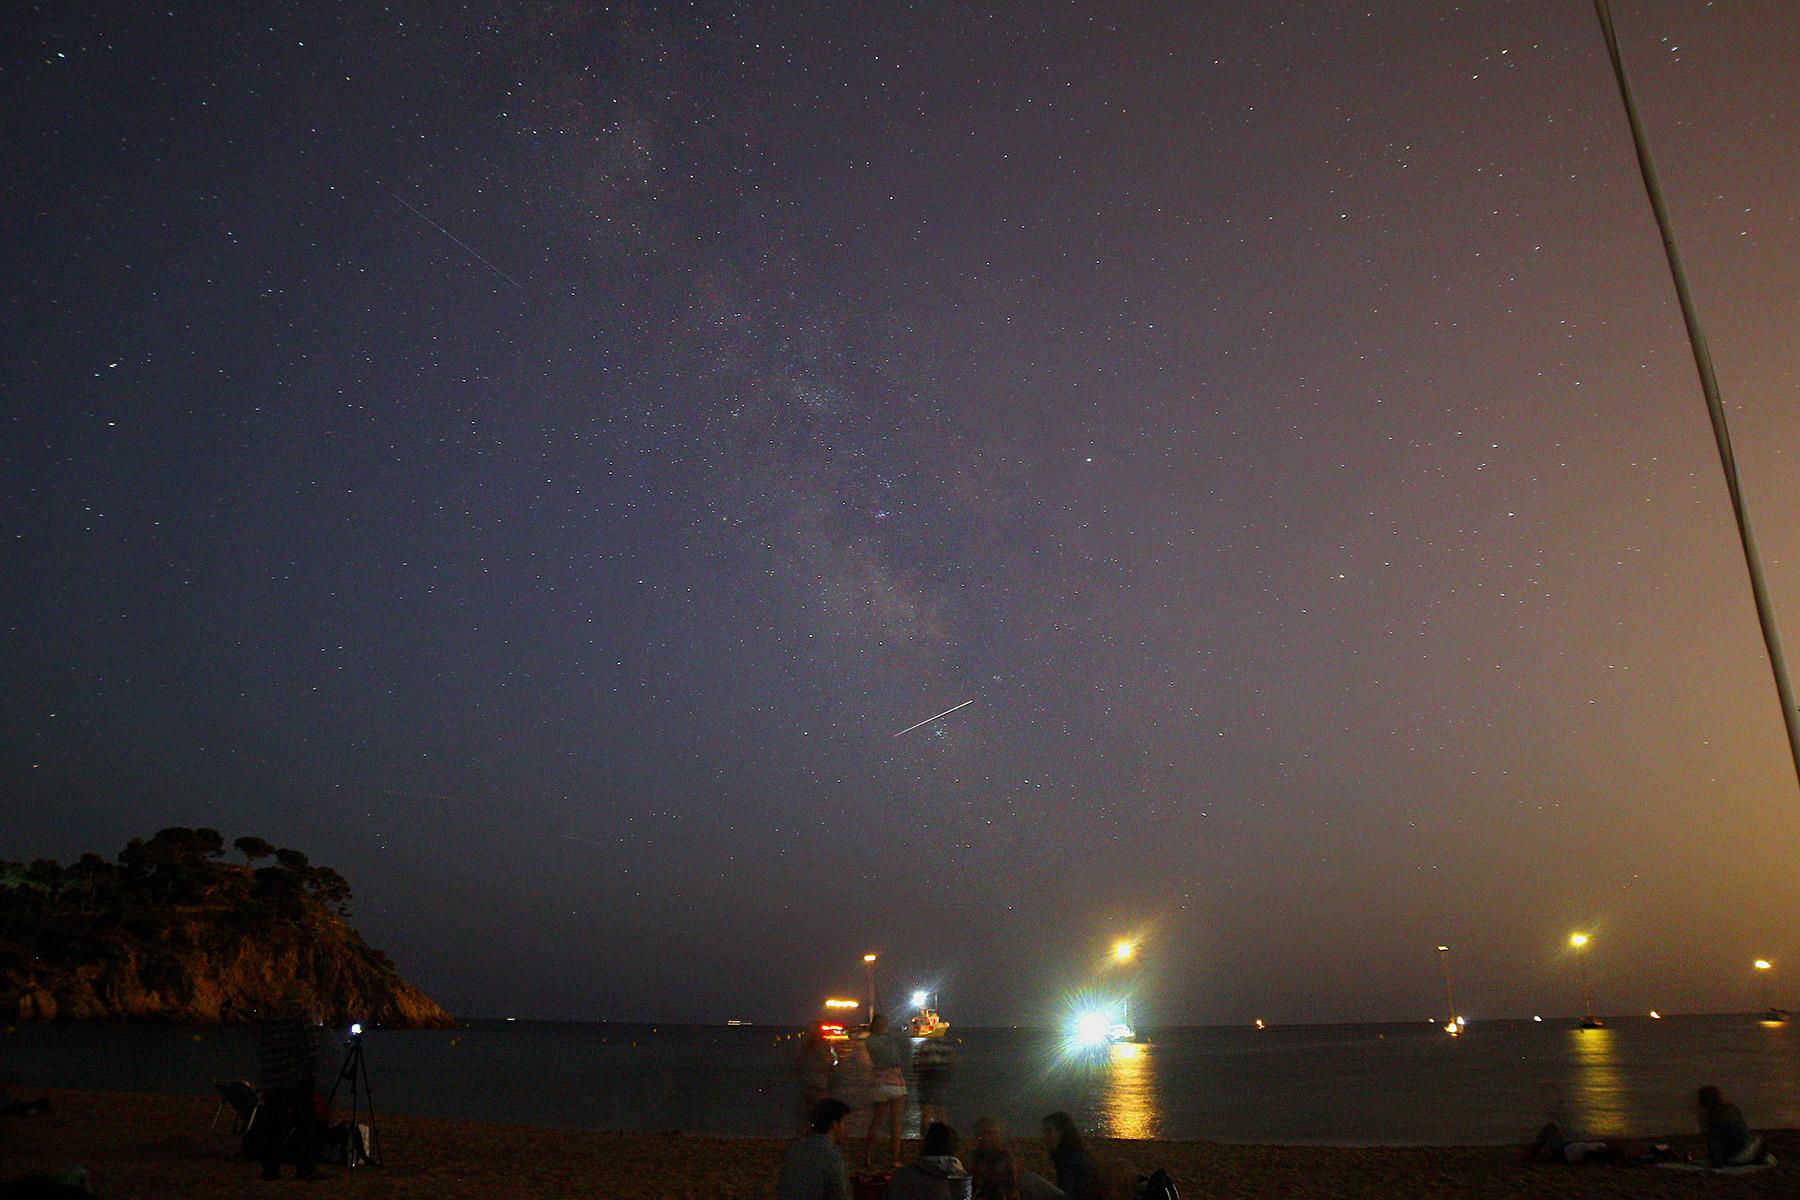 No és un estel fugaç! És la ISS (Estació Espacial Internacional) que va passar a primeres hores de la nit. Curiosament cada any repeteix! A l'esquerre es veu un traç molt petit, també es tracta d'un satèl·lit artificial